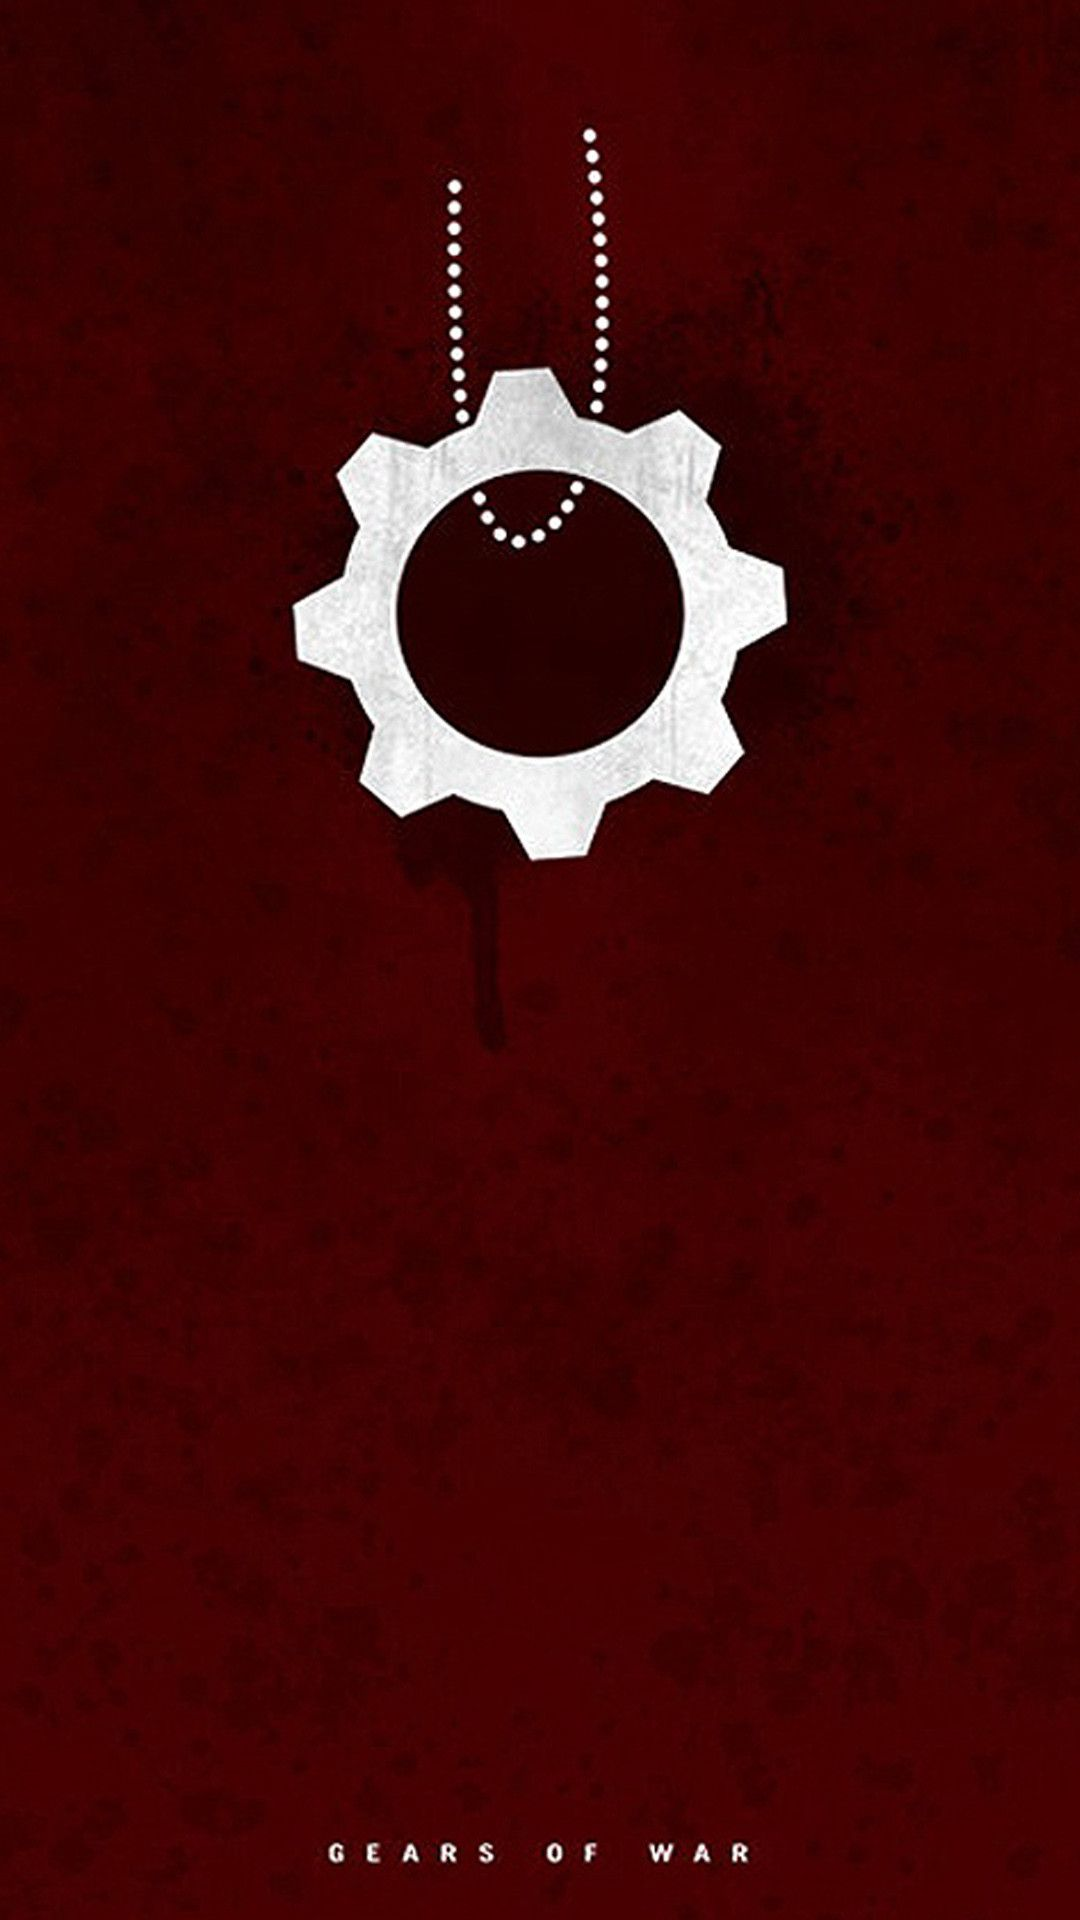 Gears Of War Iphone Wallpapers Top Free Gears Of War Iphone